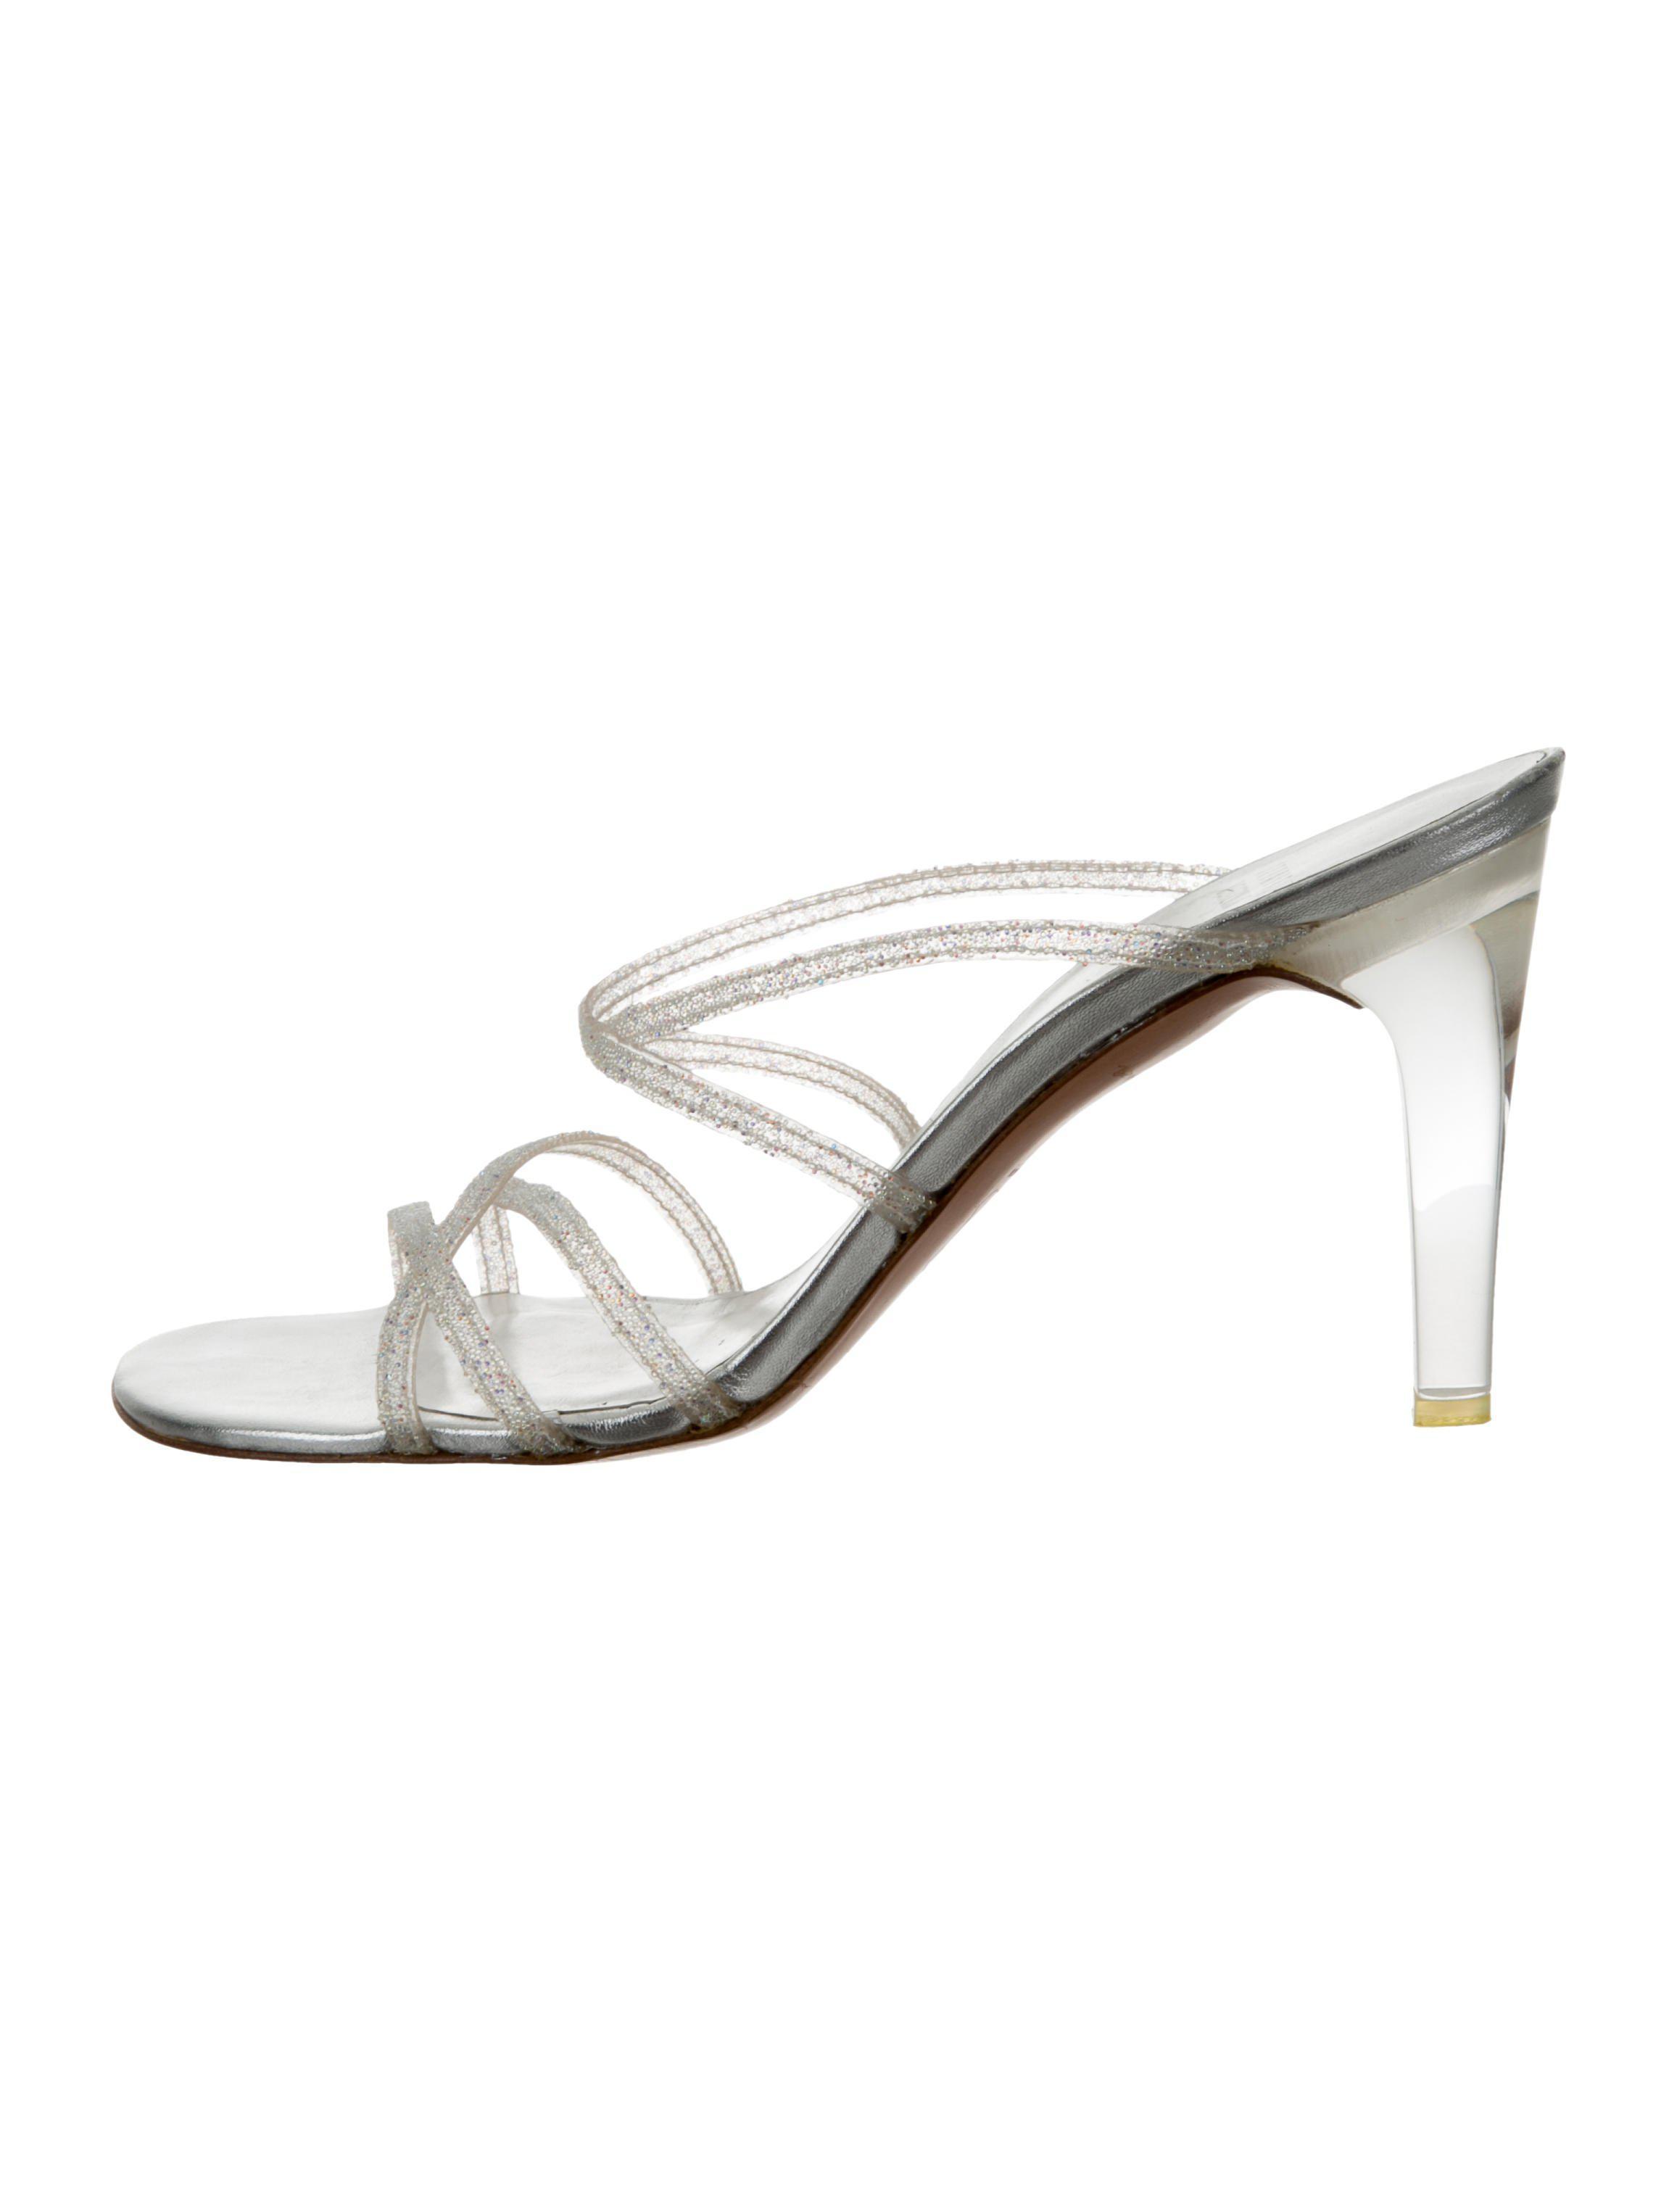 a2871f0bed0d stuart-weitzman-Metallic-Iridescent-Slide-Sandals-Silver.jpeg